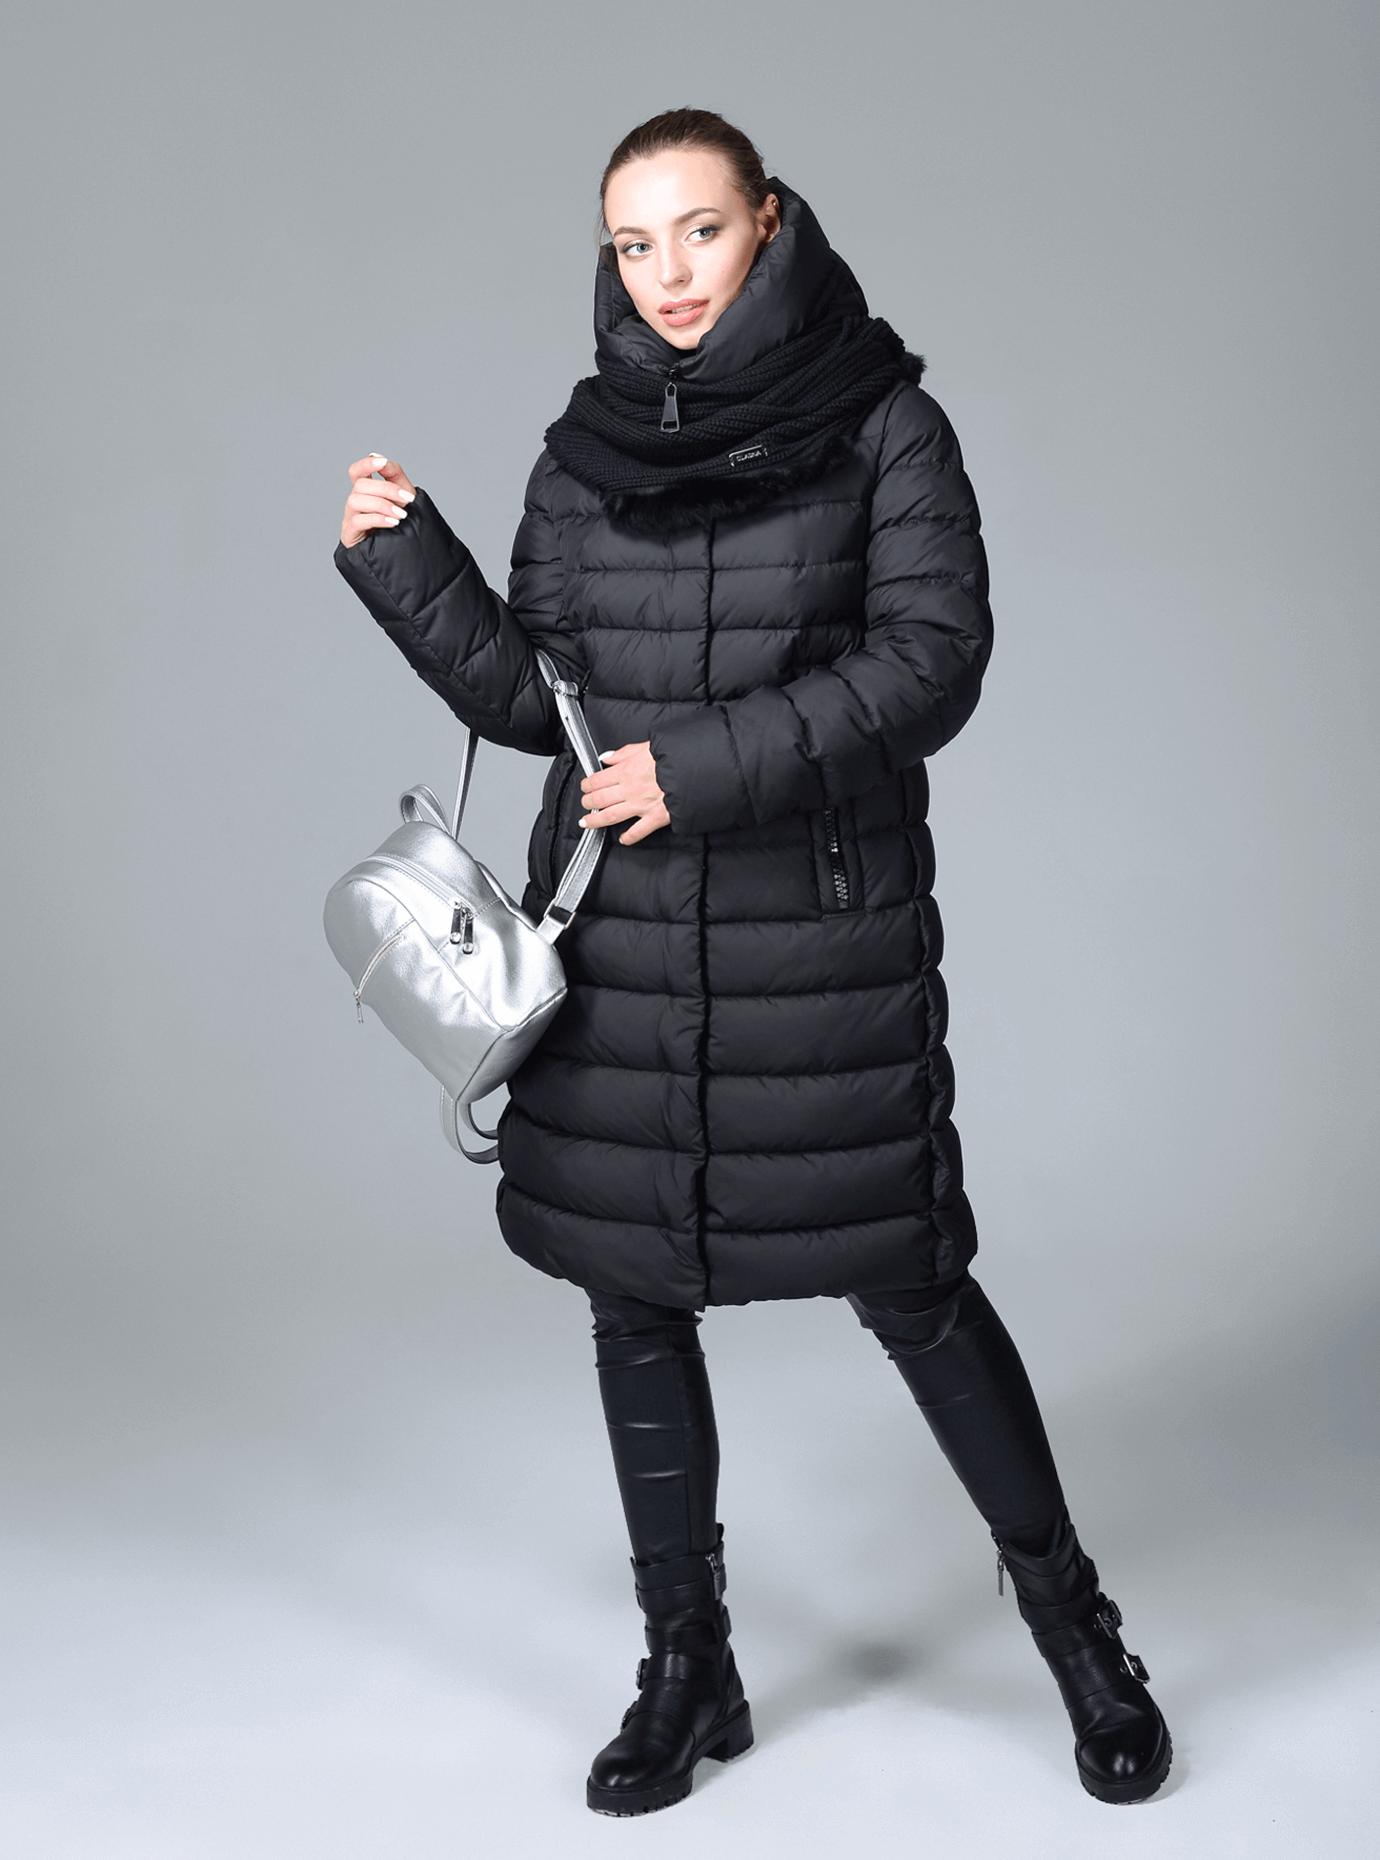 Куртка зимняя женская с шарфом Чёрный S (02-CR170239): фото - Alster.ua